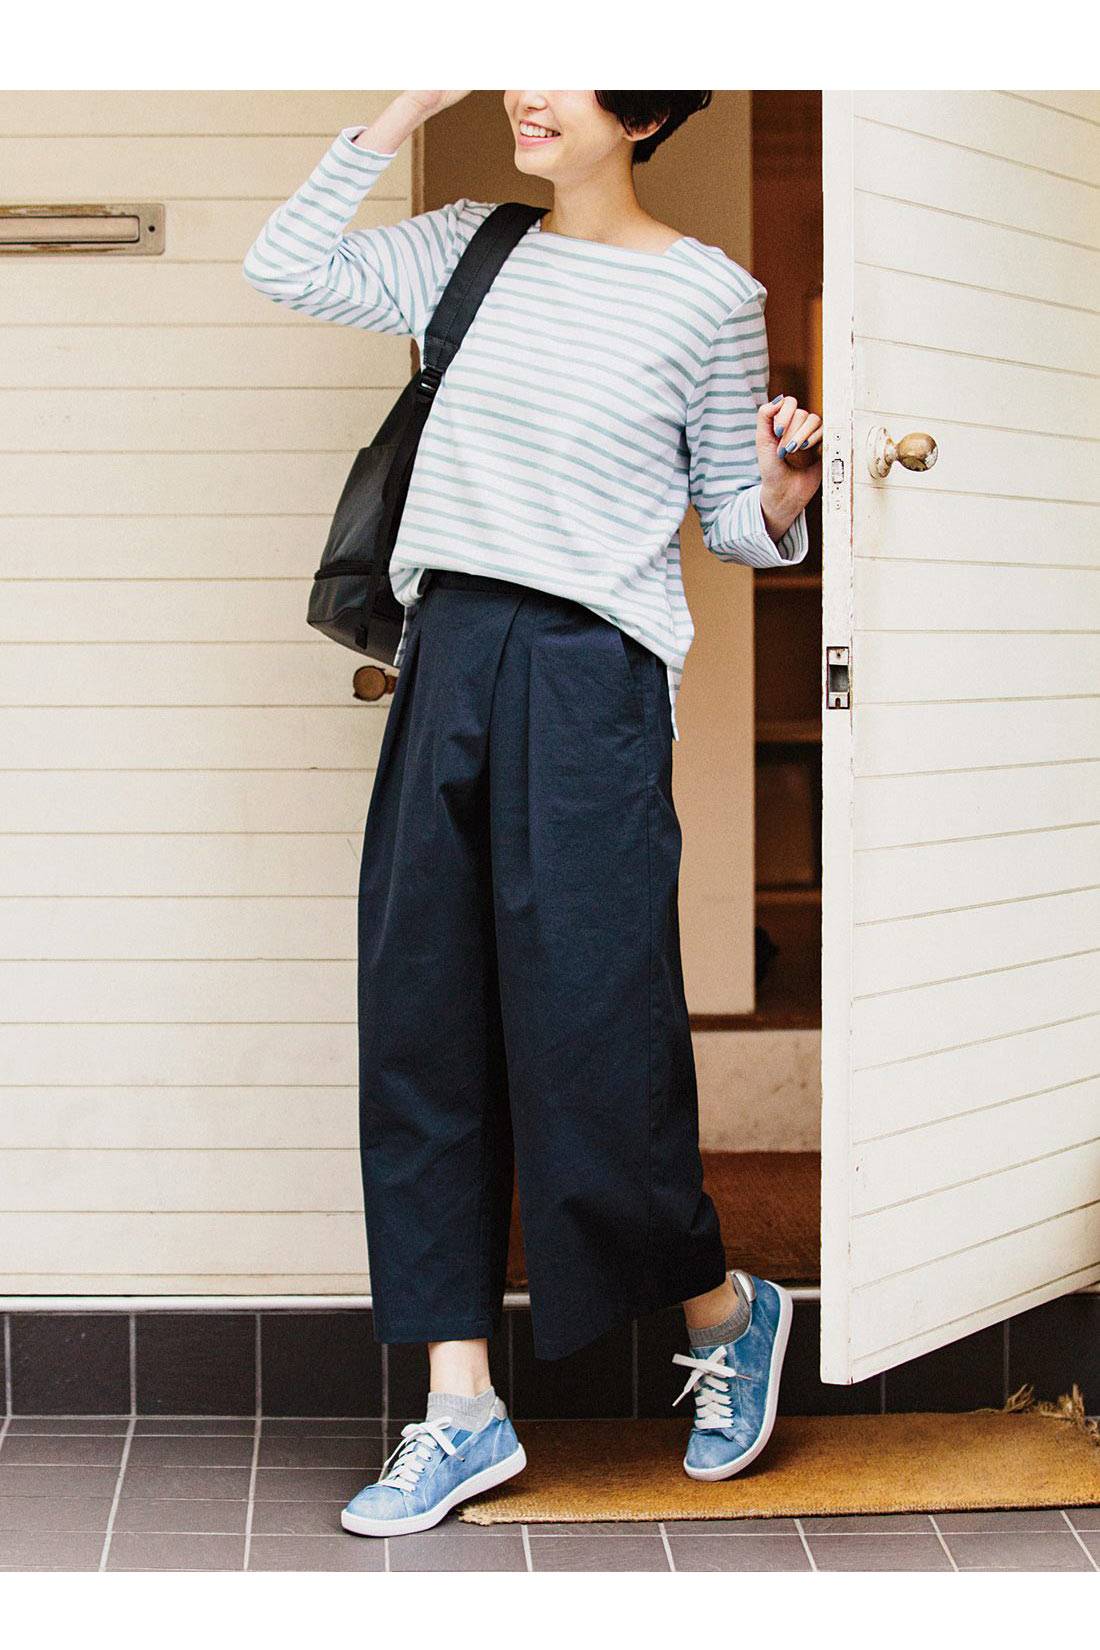 リブ イン コンフォート ダブルゴムで履きやすい 上品スニーカー〈ライトブルー〉